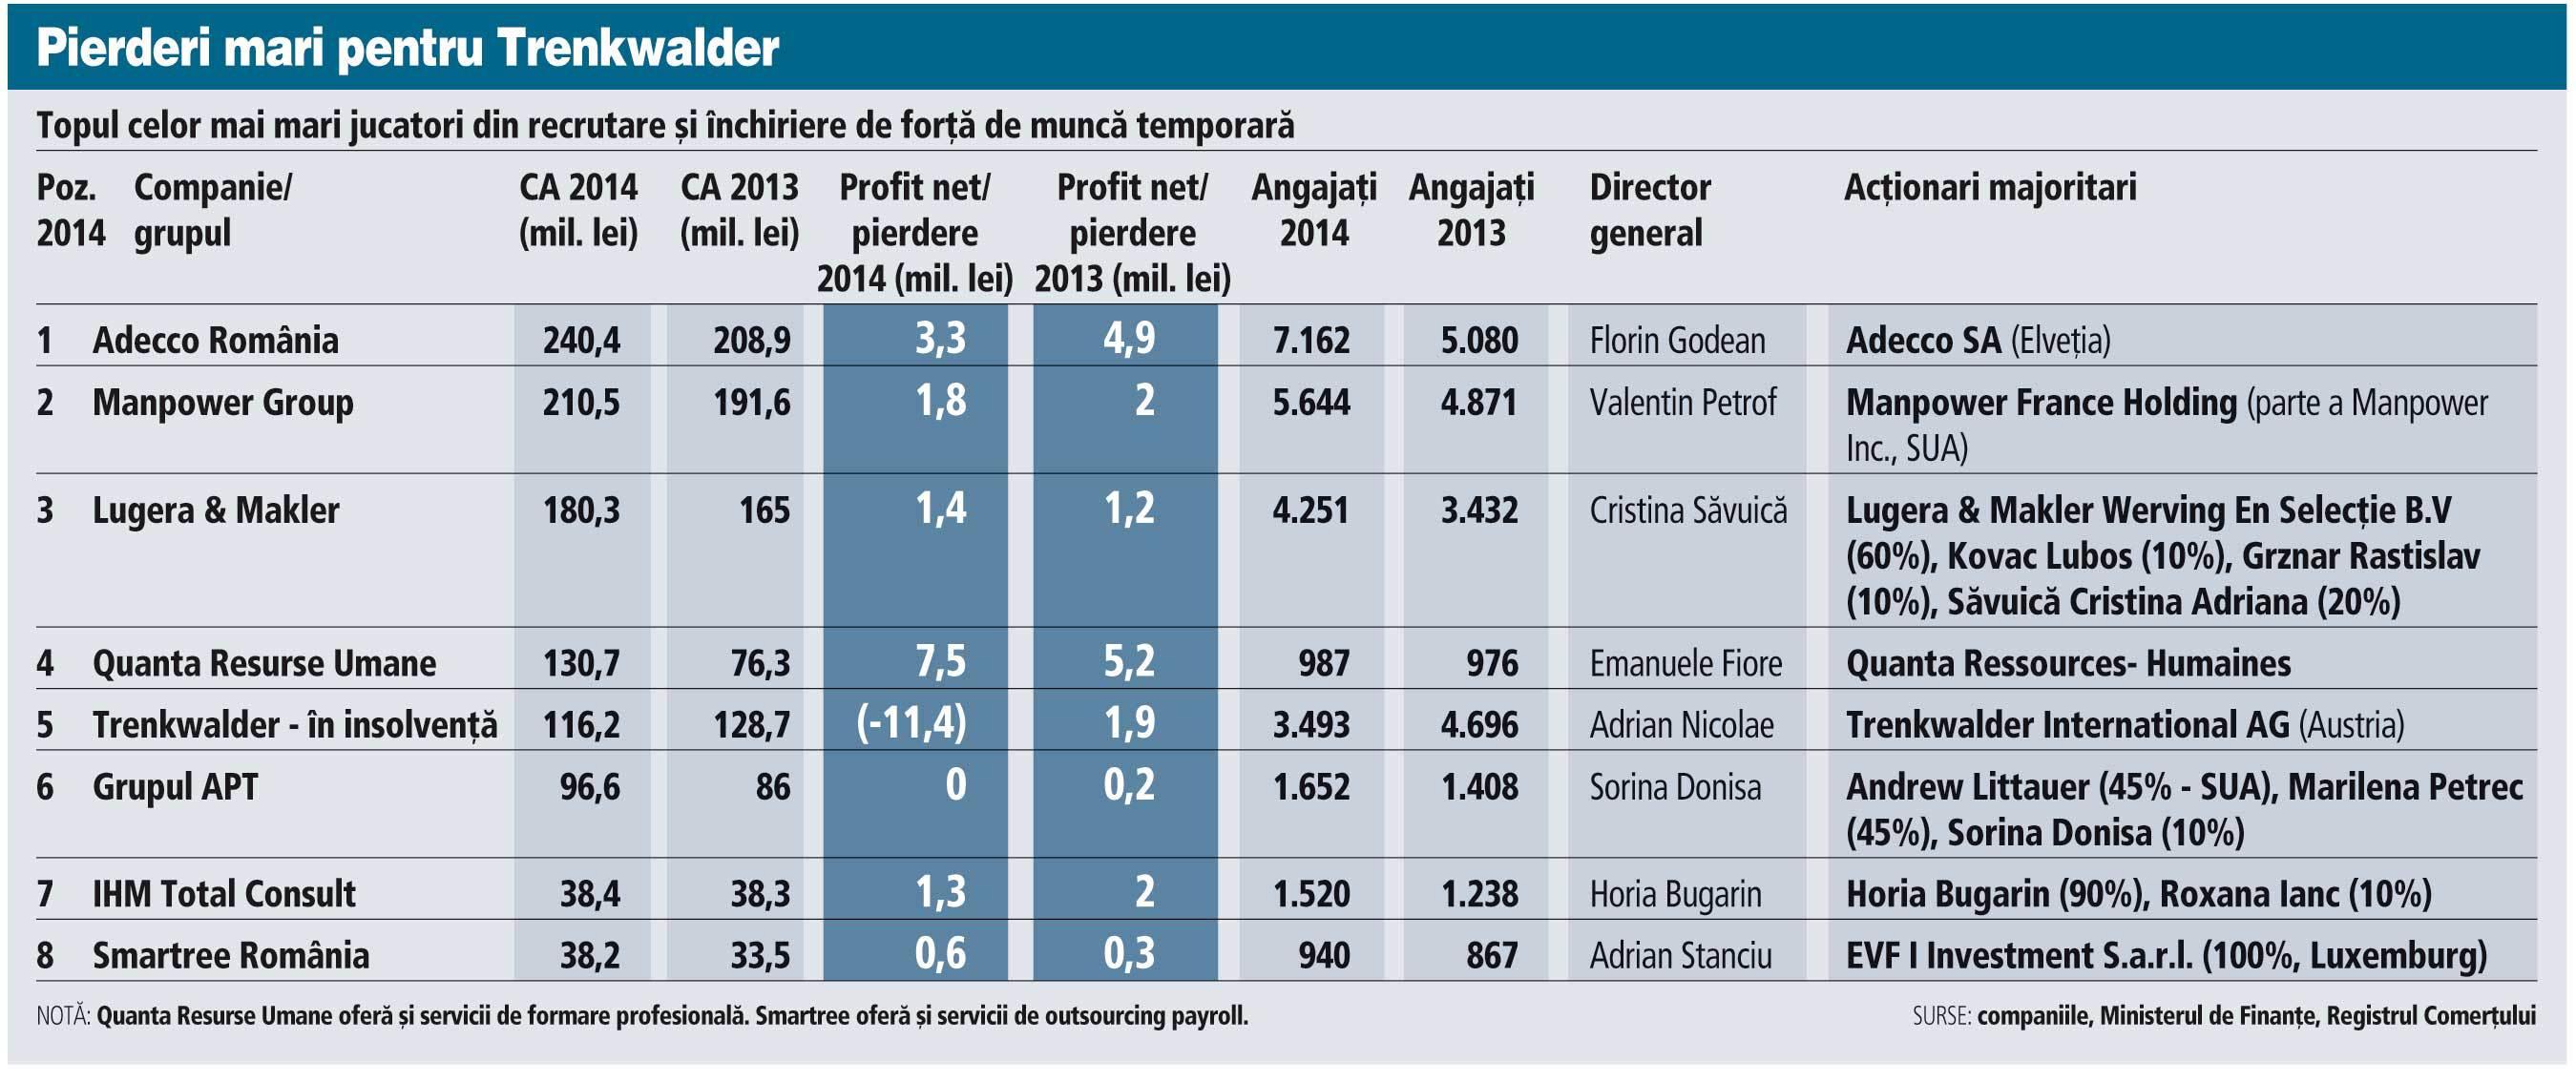 """ZF Cei mai mari jucători din economie. Afaceri în creştere pentru firmele care """"închiriază"""" personal: """"Încet-încet piaţa muncii redevine una a angajatului"""""""